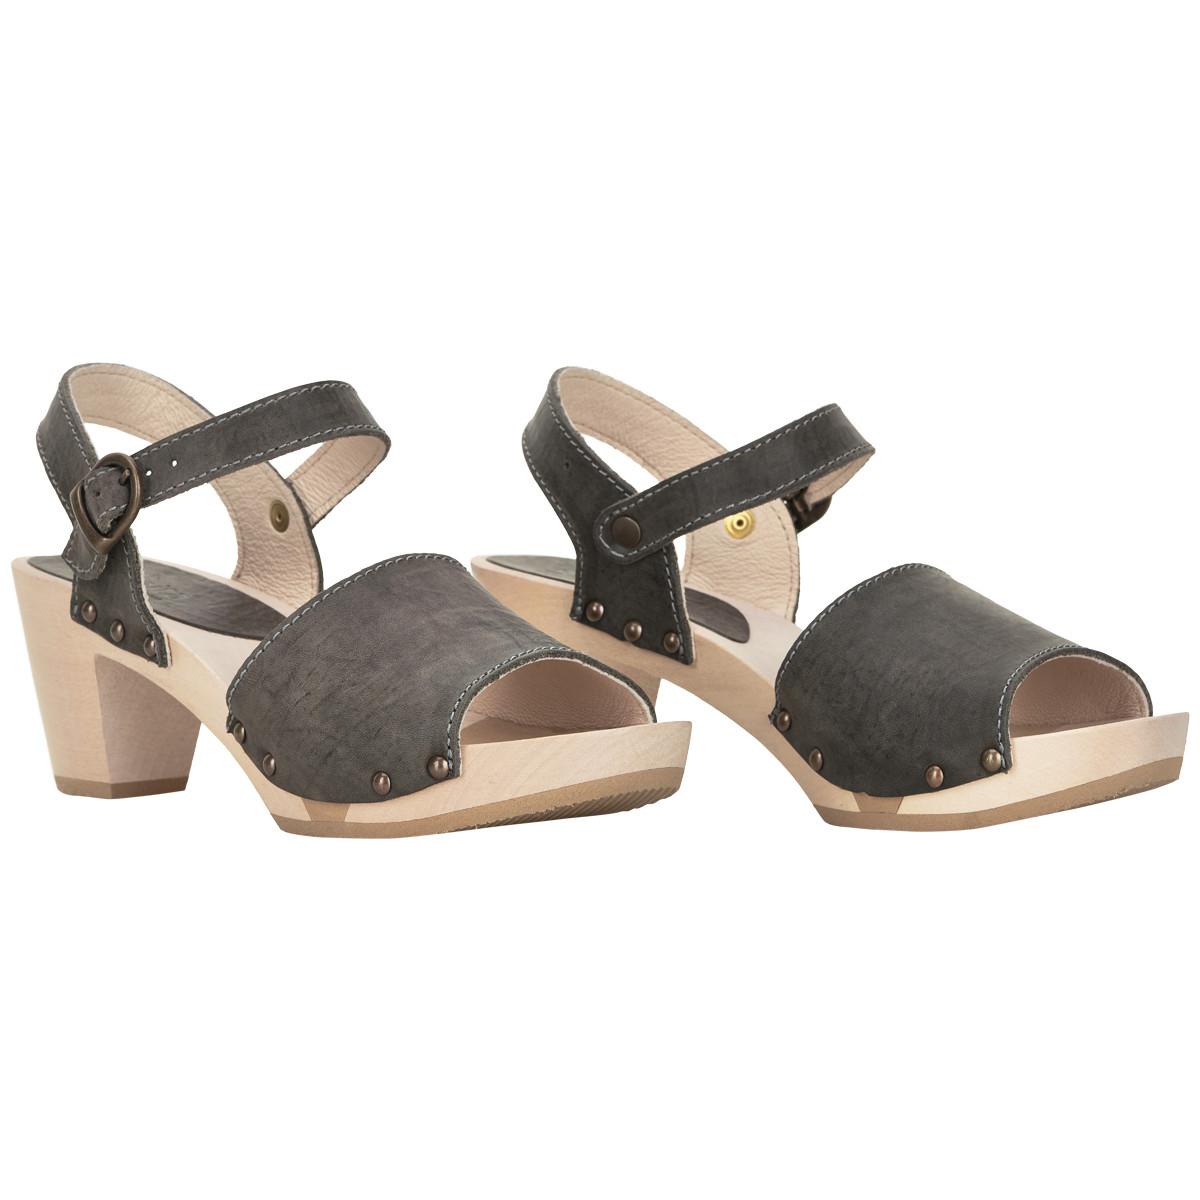 c1a8723c2b01 Sanita Vega Flex Sandal 470607 20 - Sanita